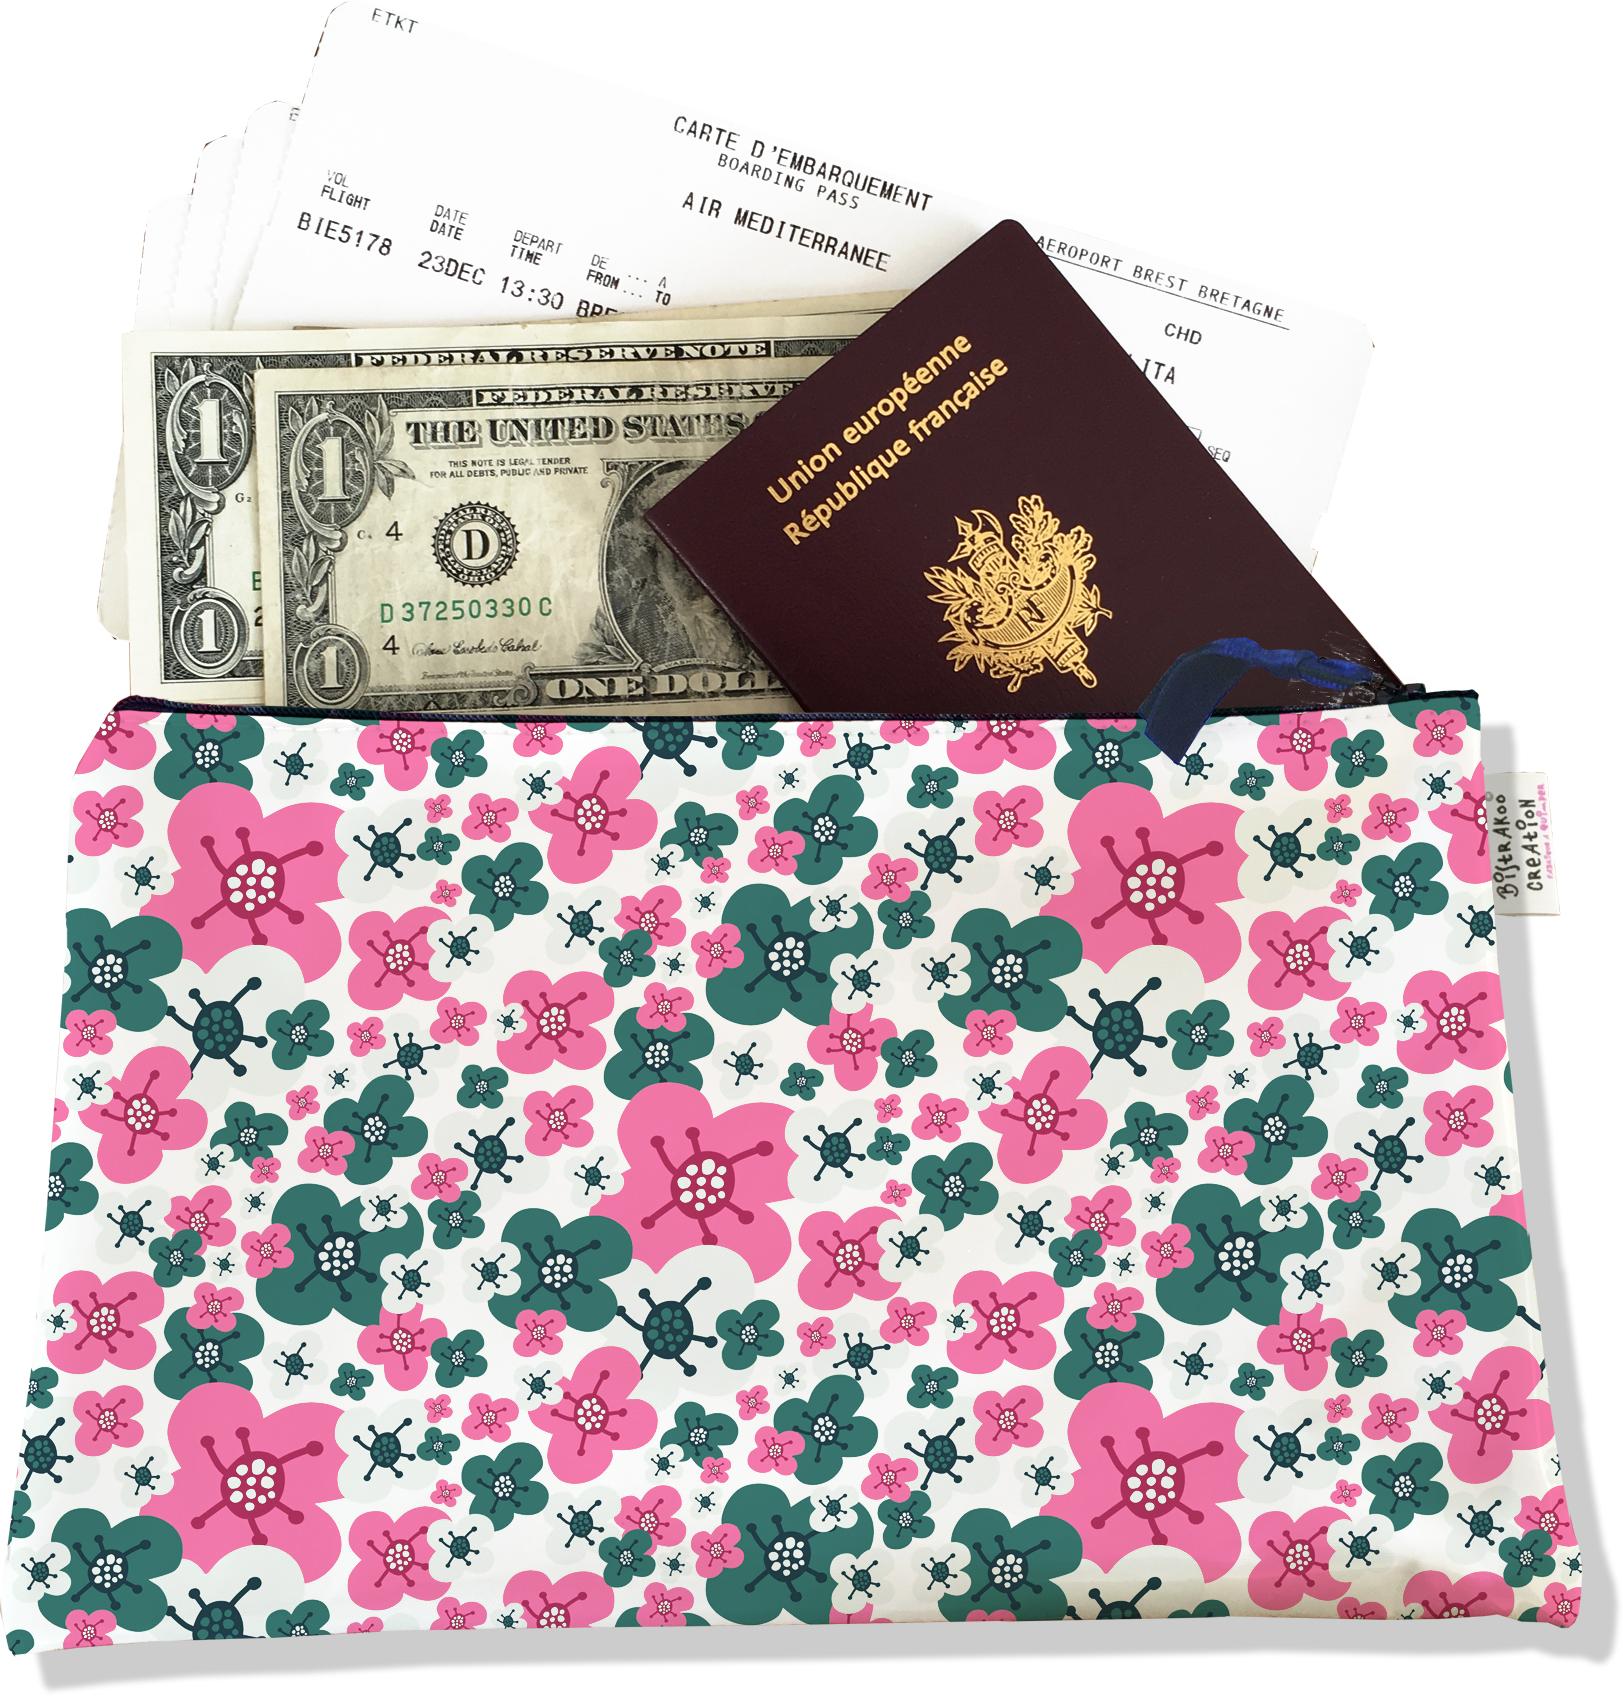 Pochette voyage, porte documents pour femme motif petites fleurs roses et vertes 3222-2017